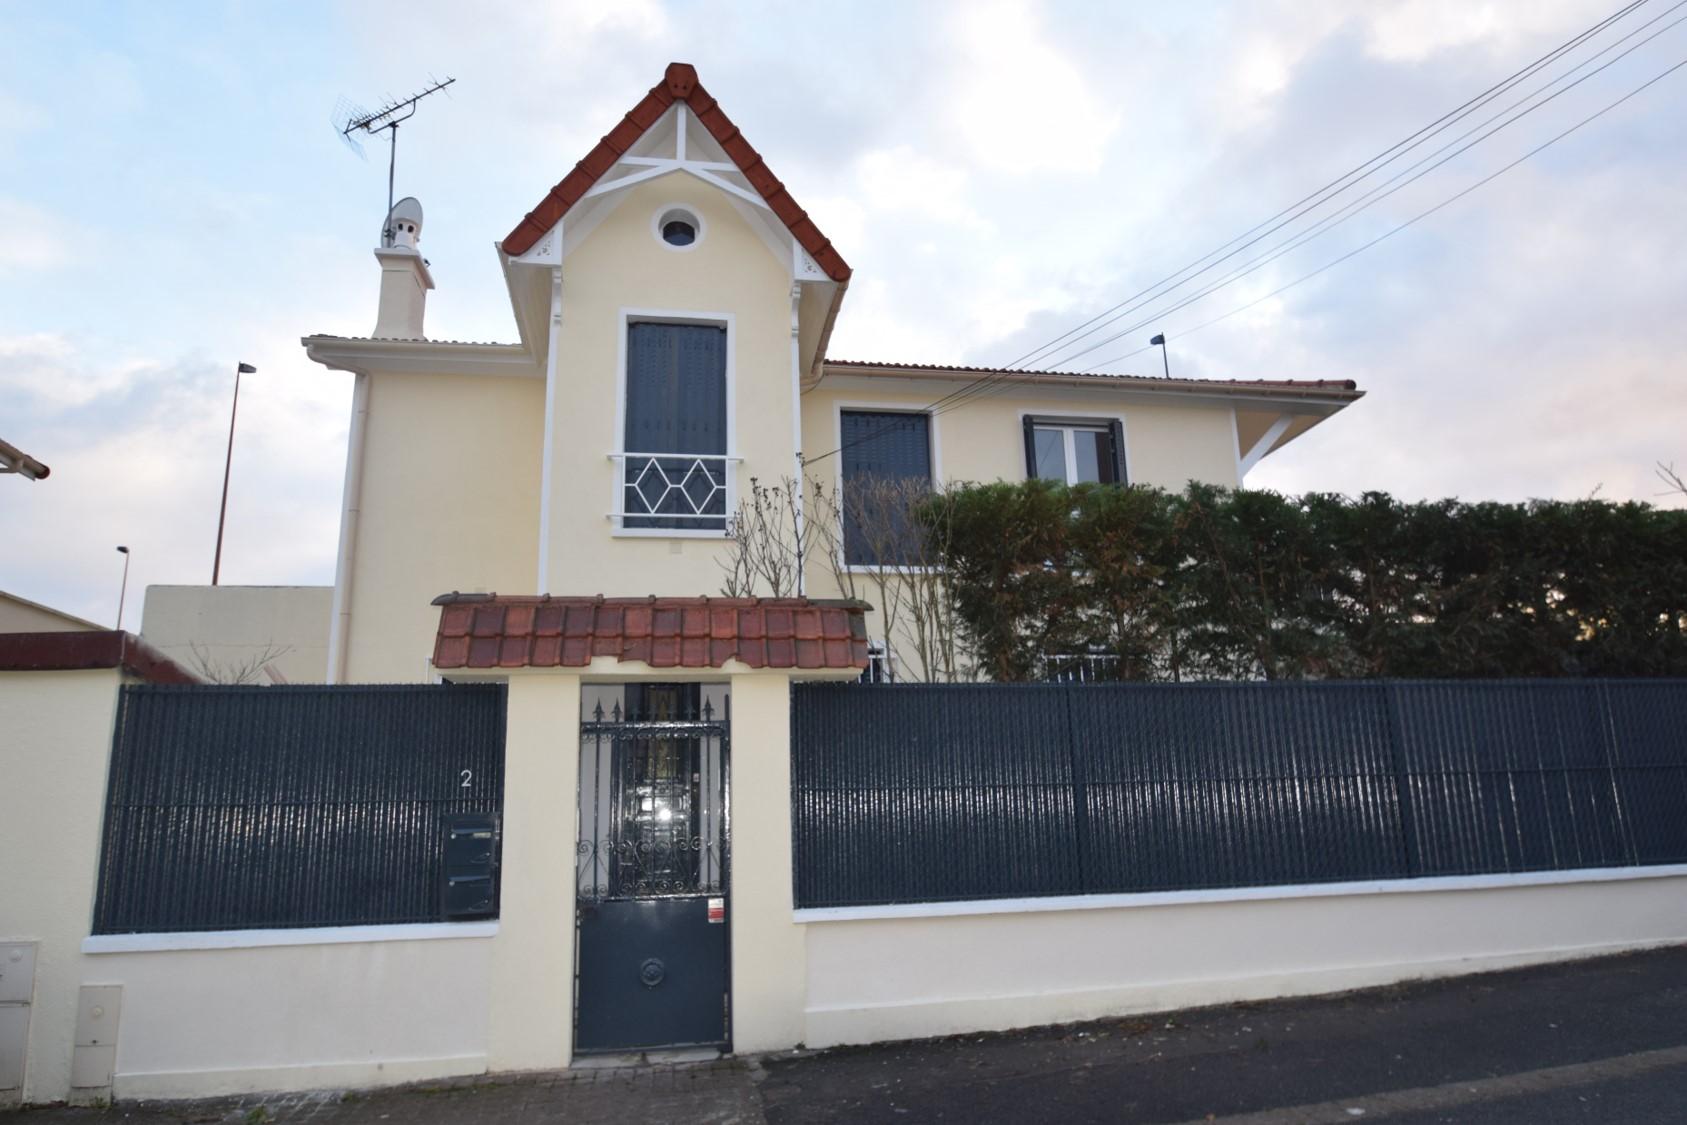 Maison 120m² en bon état à Joinville Le Pont quartier Polangis